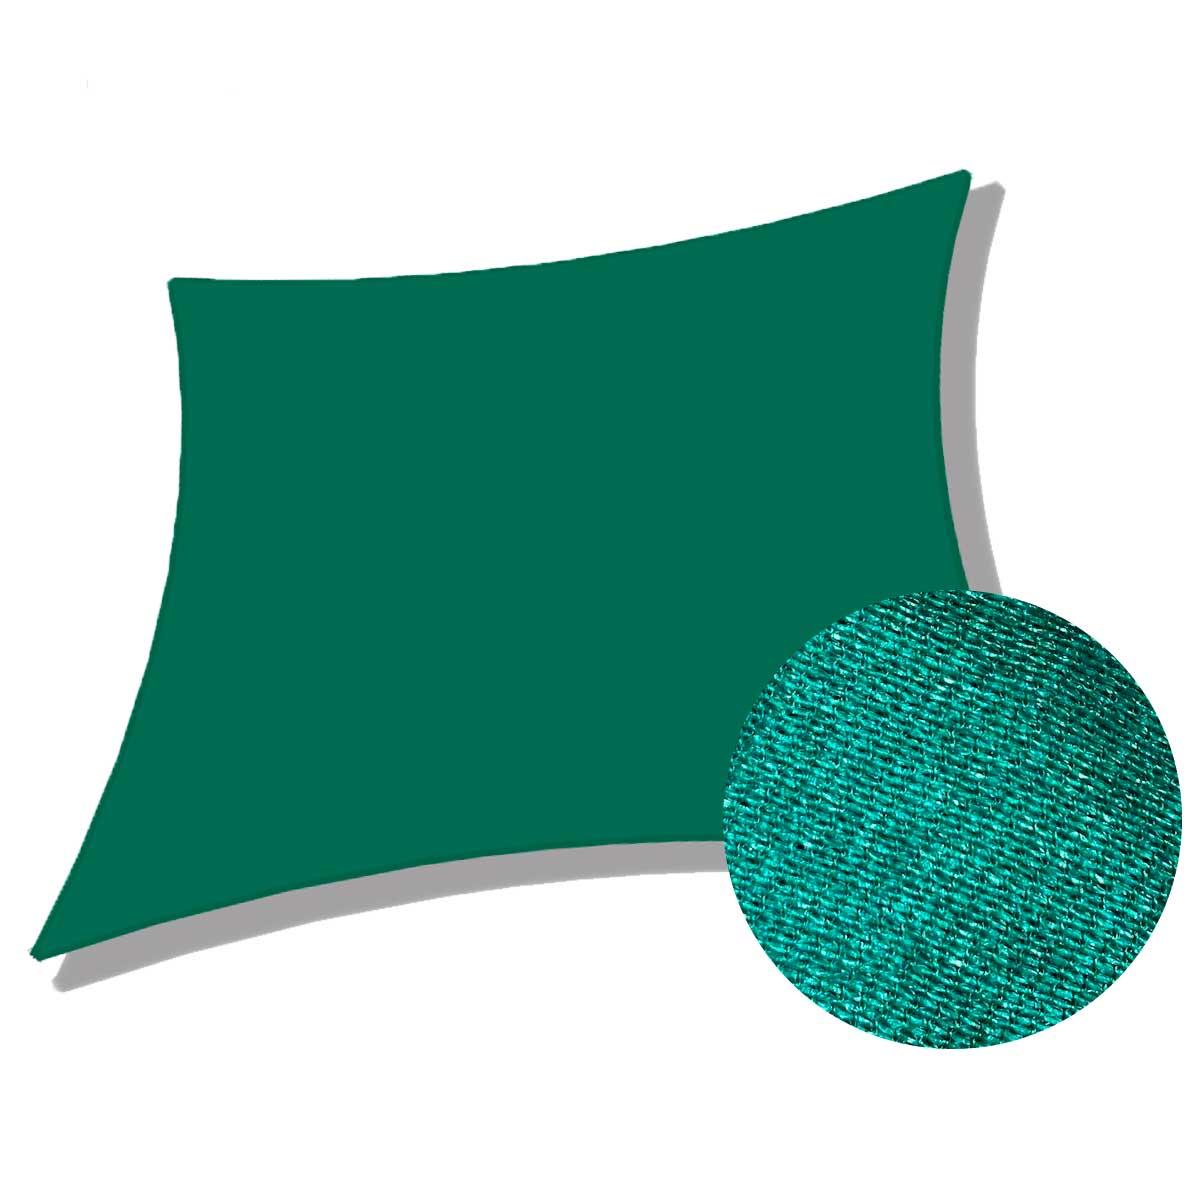 Tela Decorativa Sombrite Verde Sem Acabamento 4x9,5m